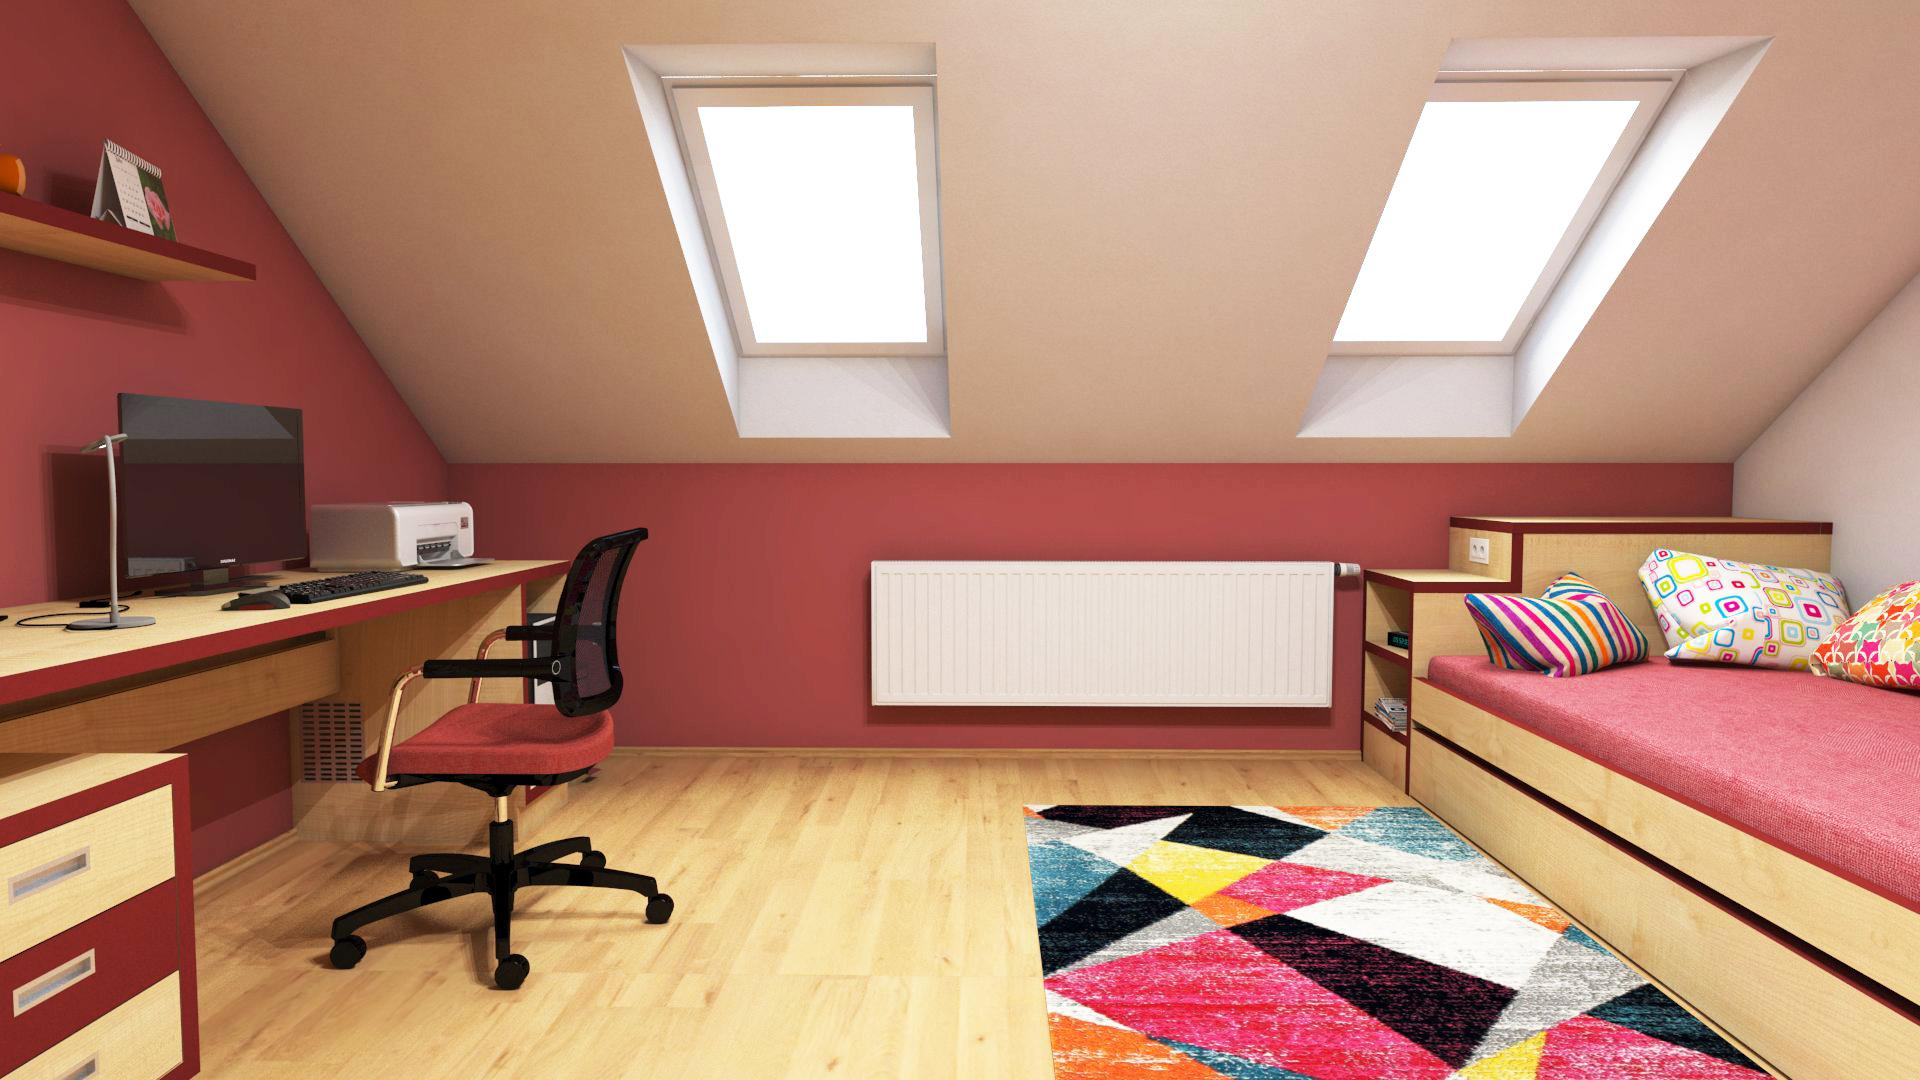 Dětské pokoje - Dětský pokojík pro holku v podkroví. Postel s možností příležitostného přespání. Dřevodekor v kombinaci s vínově červenou.